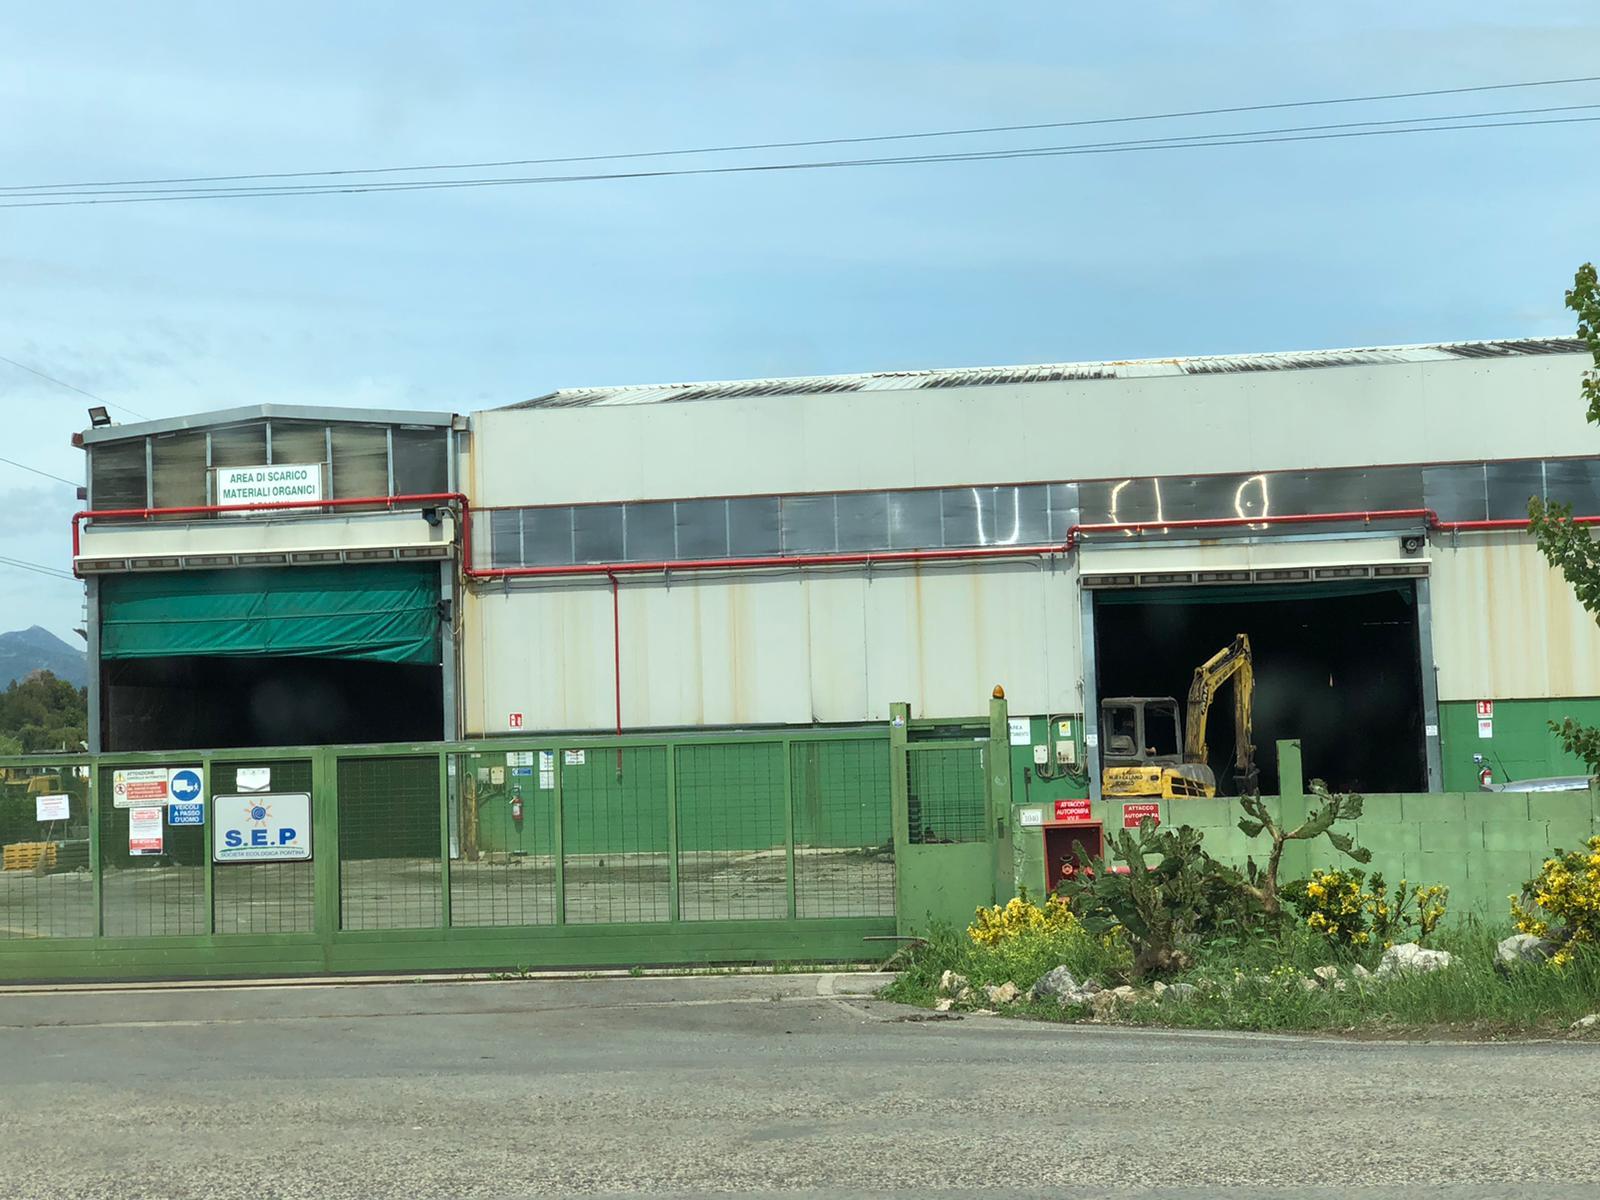 Sep di Pontinia nell'area industriale di Mazzocchio